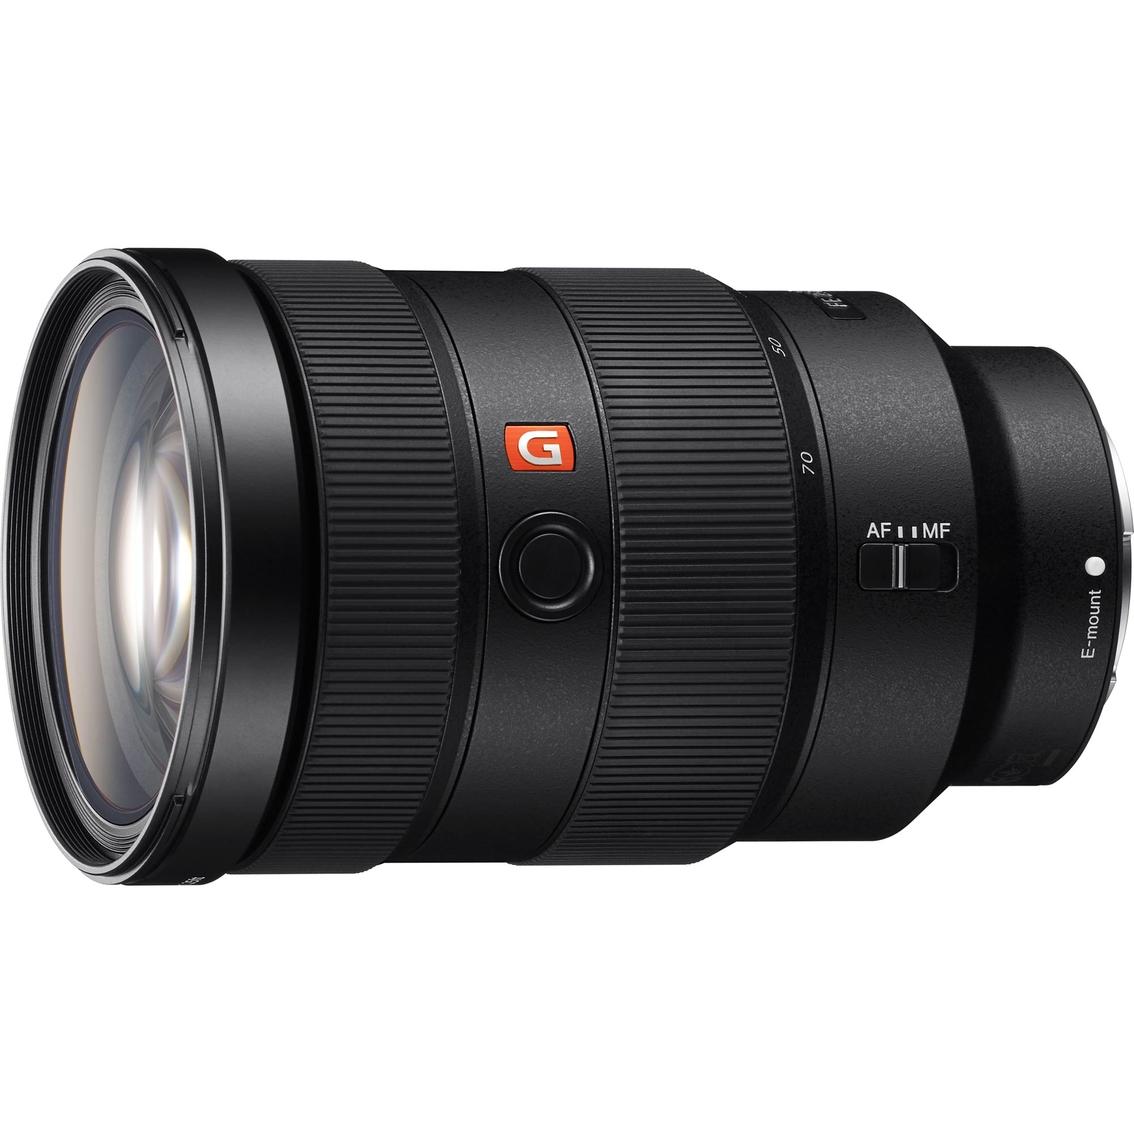 Sony Fe 24-70mm F2.8 Full-frame G Master Standard Zoom Lens | Lenses ...